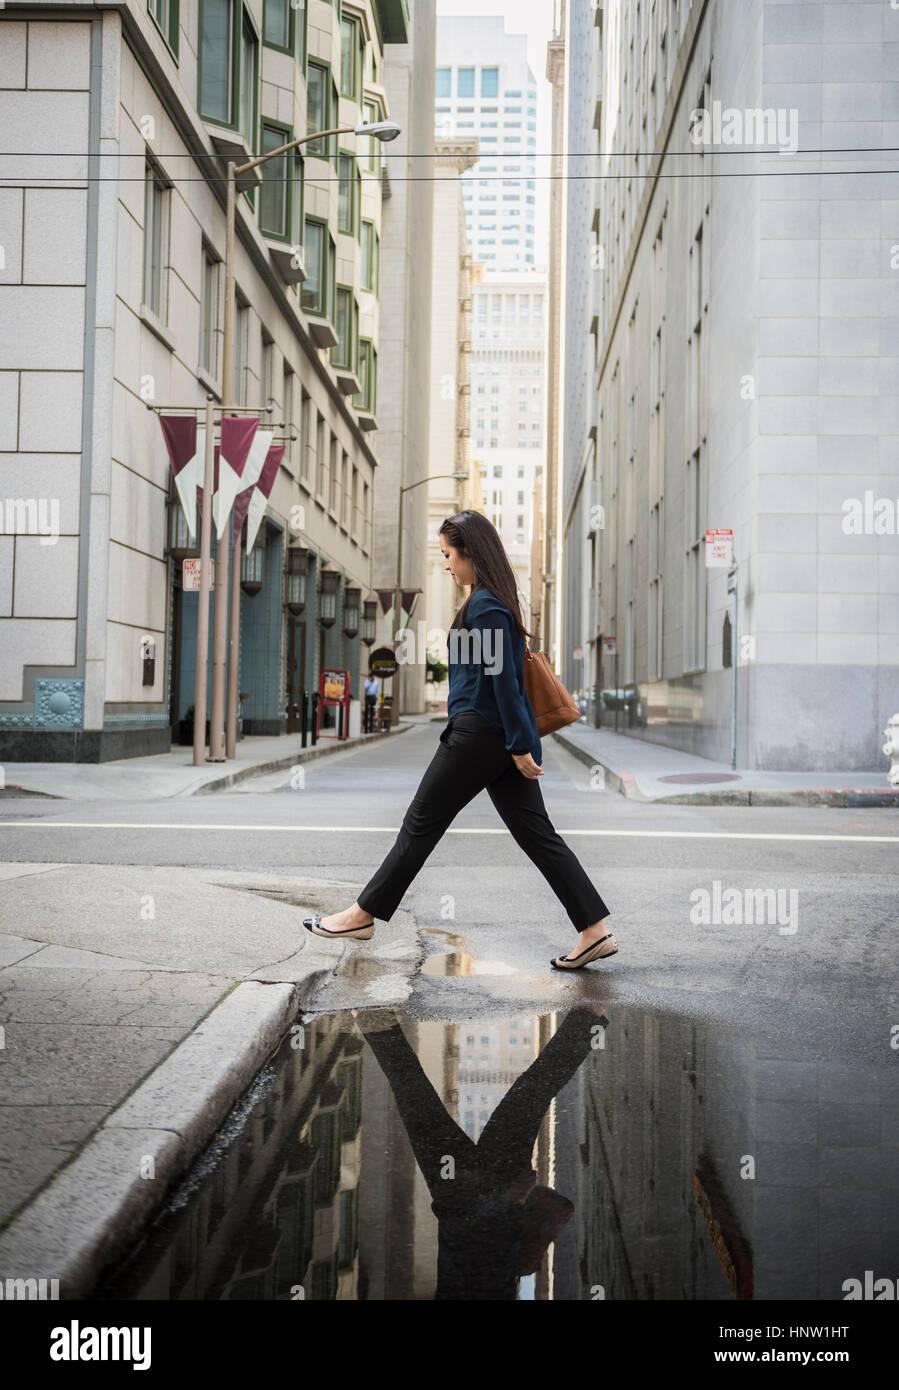 Reflexion in Pfütze chinesische Geschäftsfrau Kreuzung Straße Stockfoto